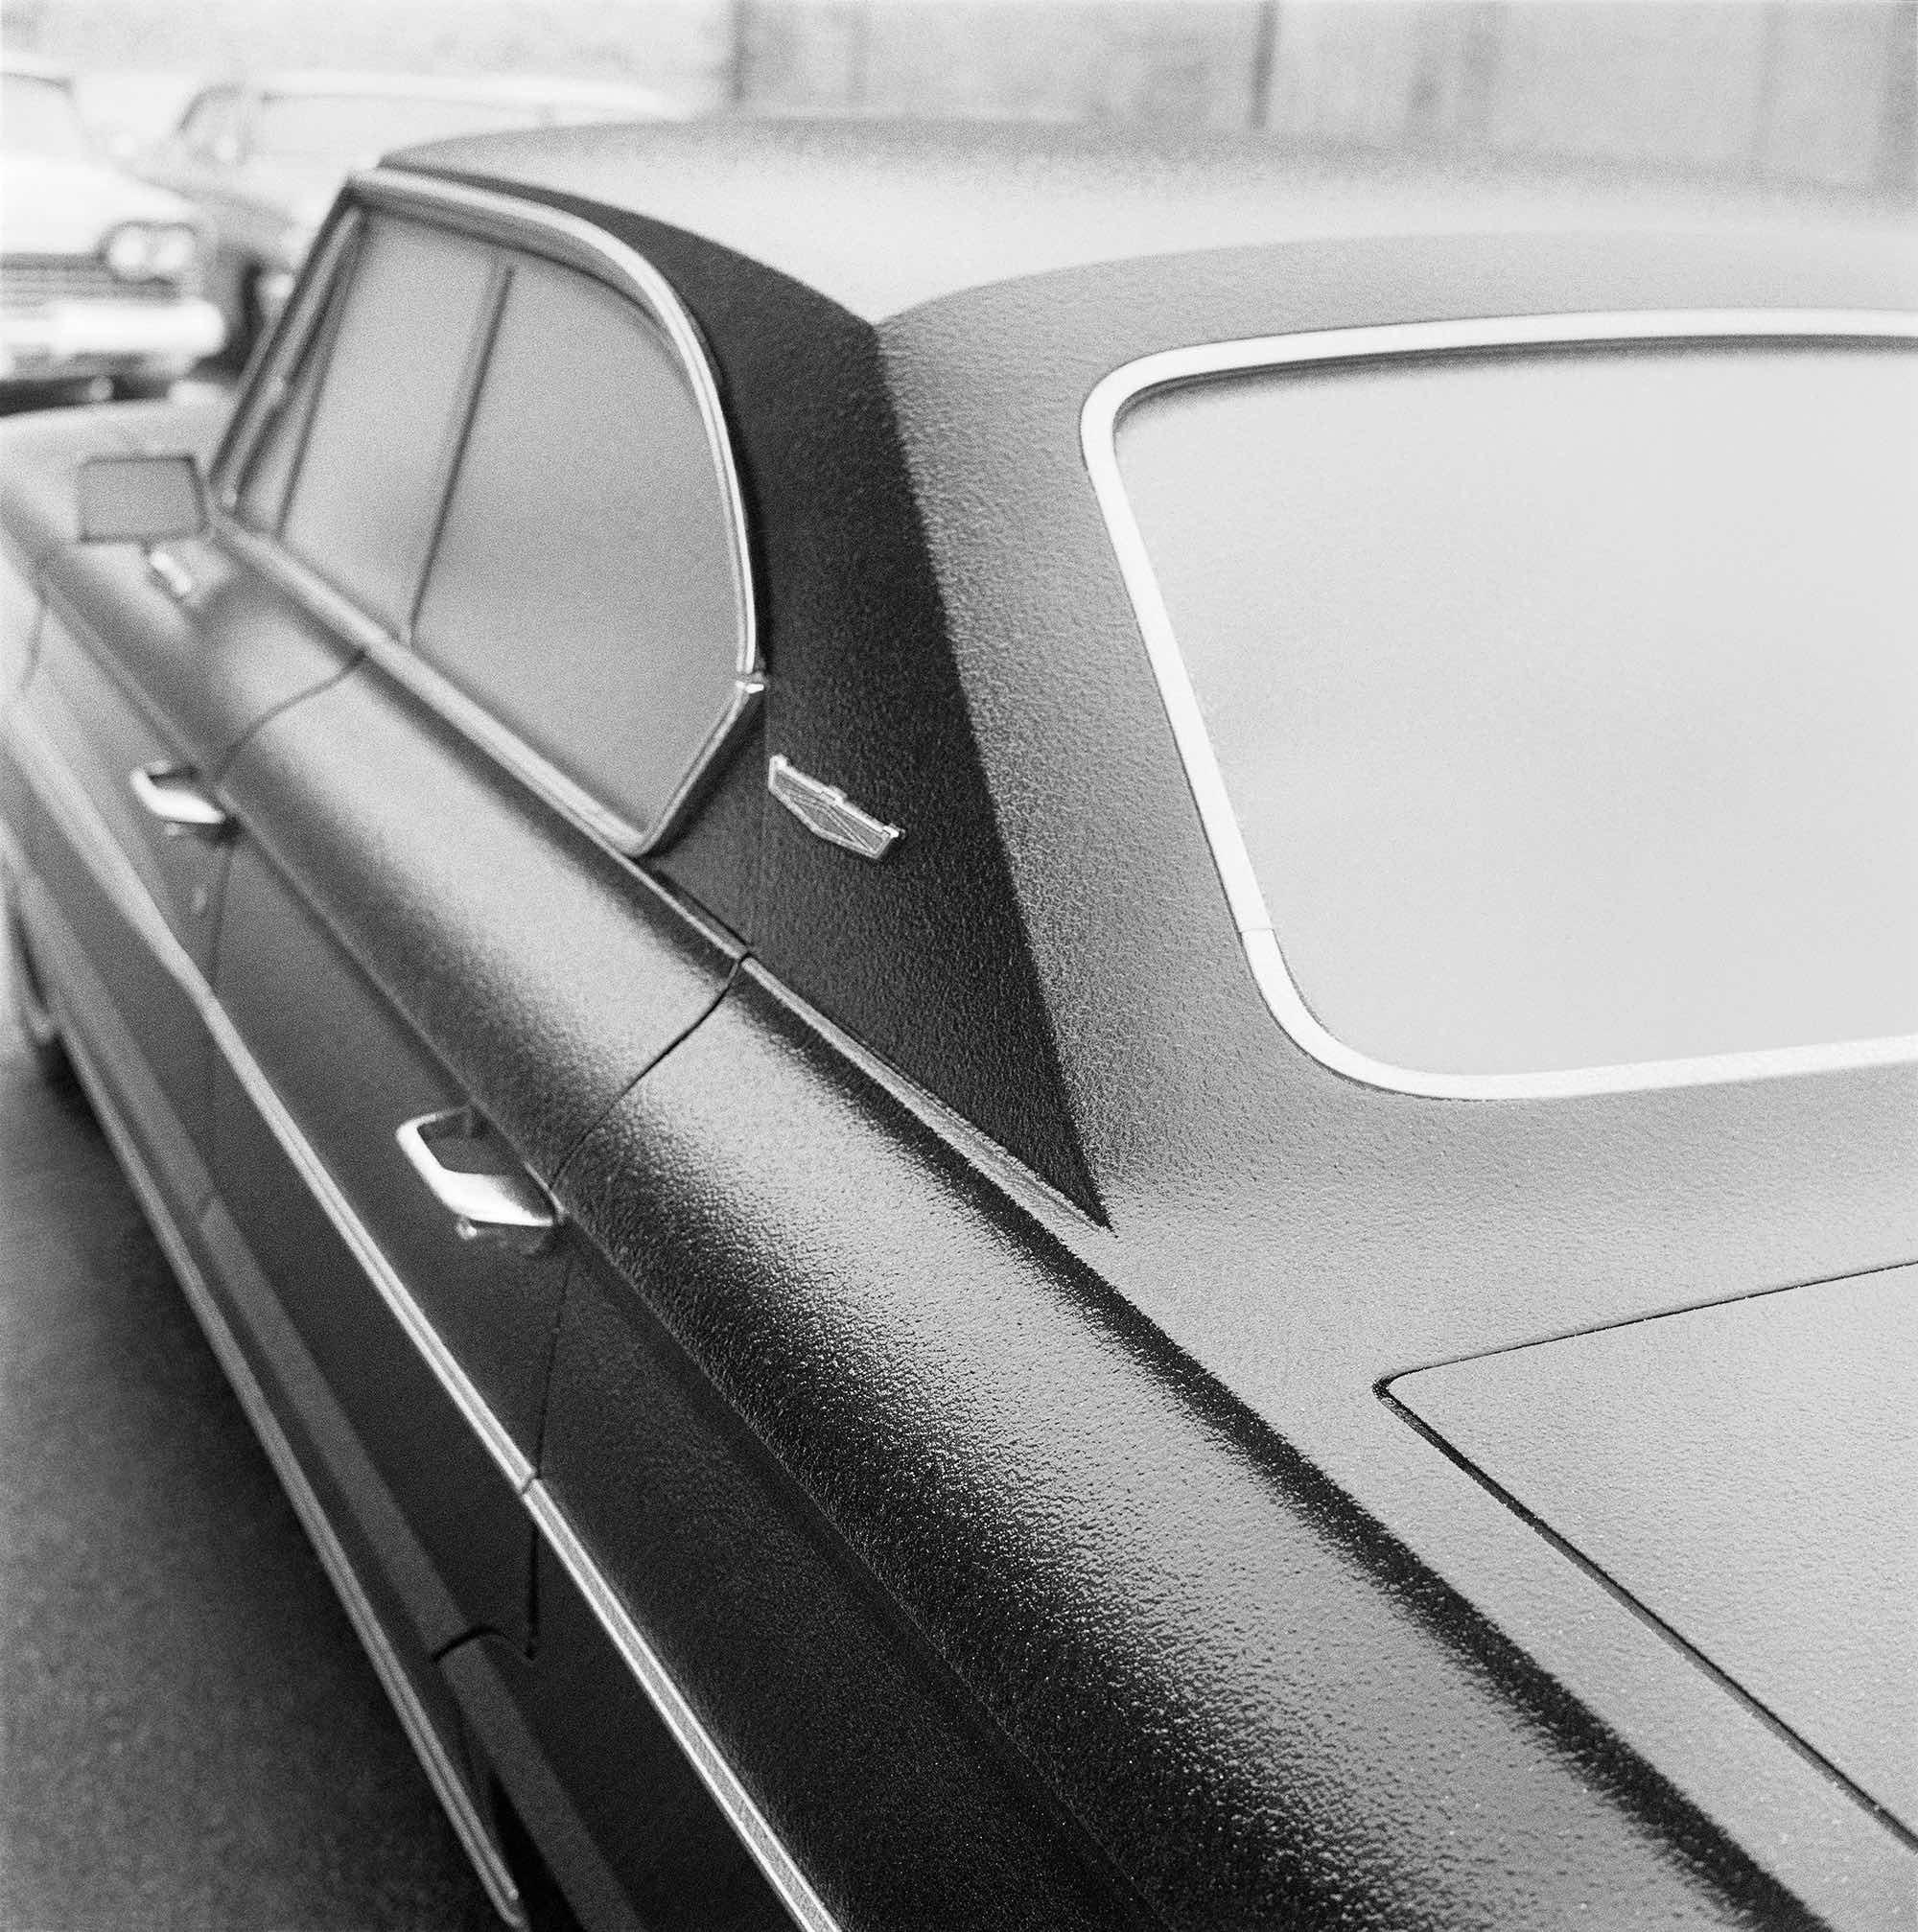 1964 Ford LTD (Detroit, MI) c. 1960